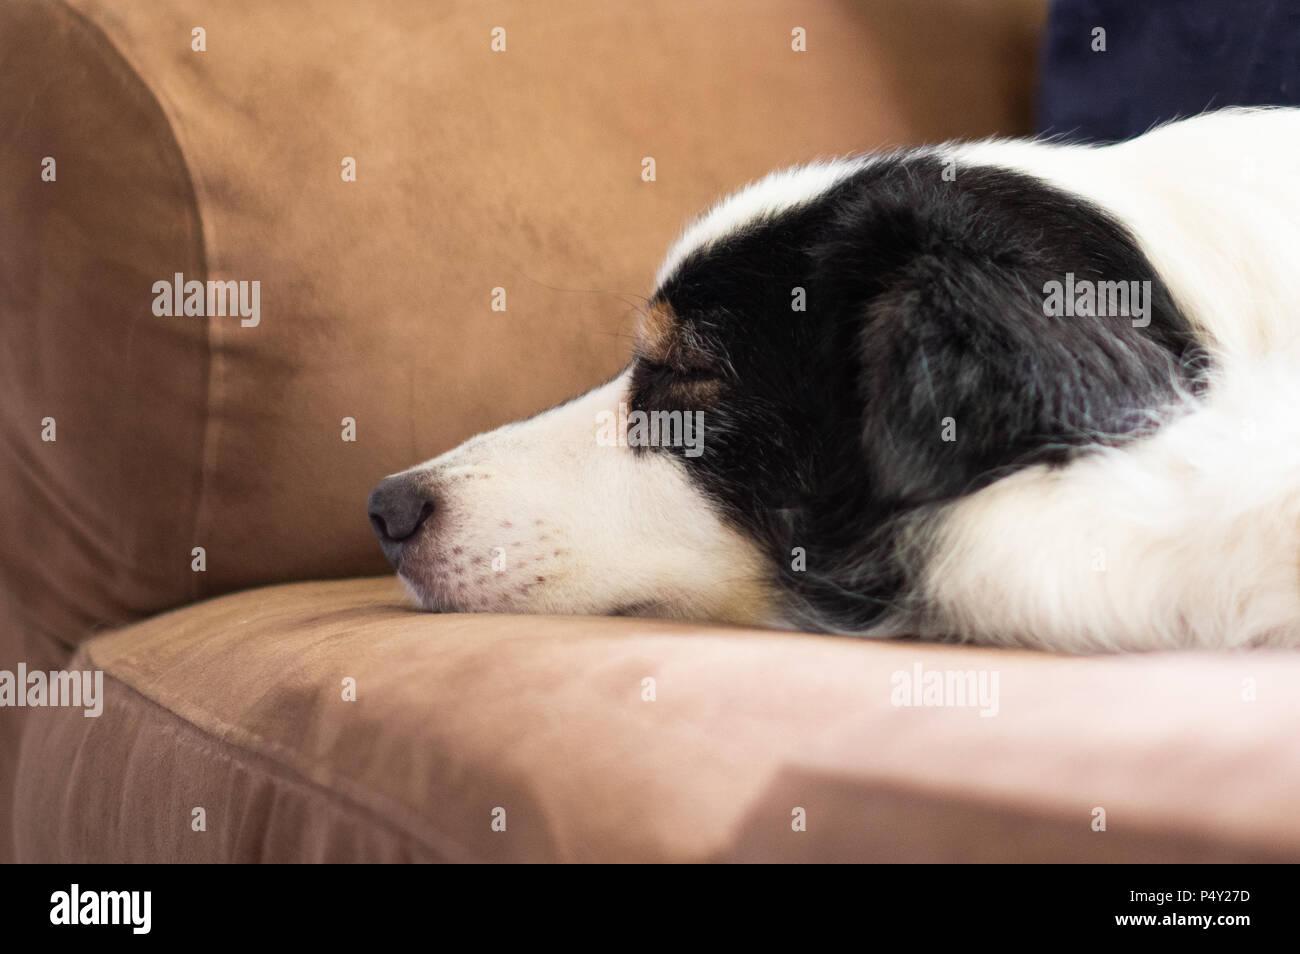 Black and White Dog Asleep on Brown Sofa - Stock Image